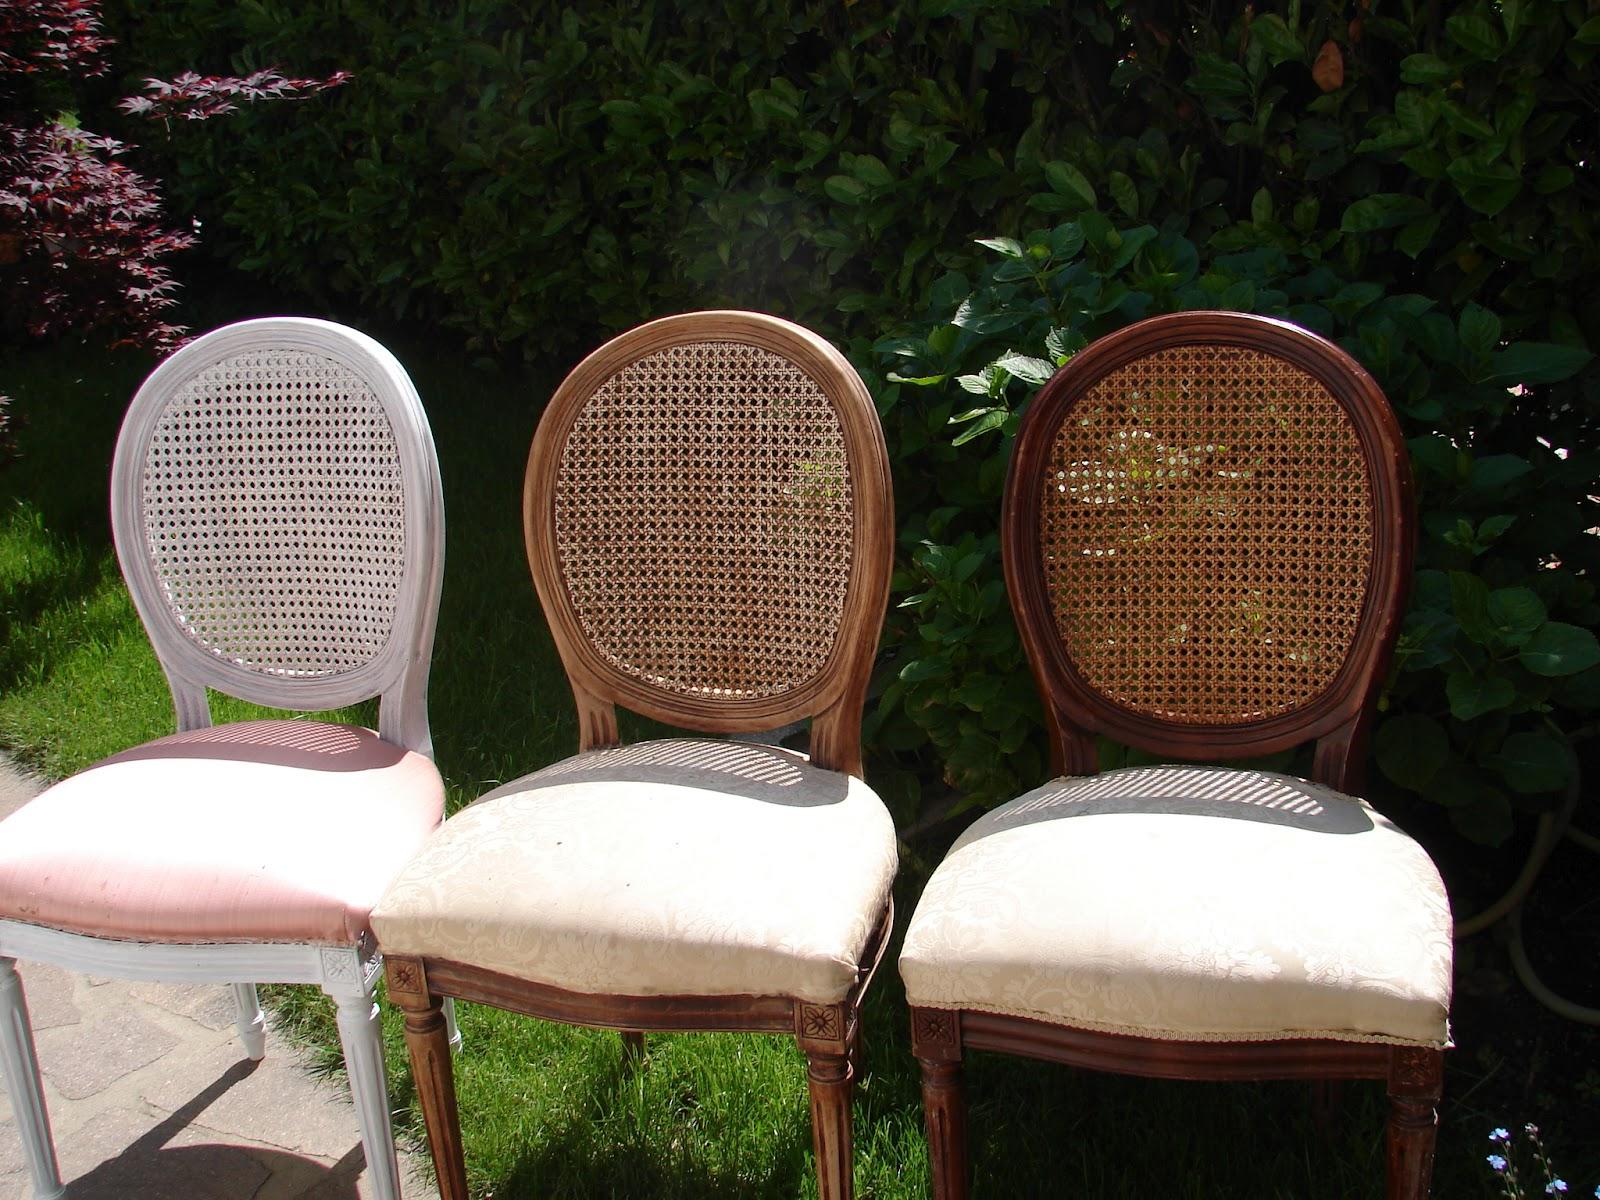 Ho dipinto la sedia con lo smalto opaco avorio e ho tolto con una carta vetrata molto fine un p² di colore qua e l per renderla pi¹ vissuta